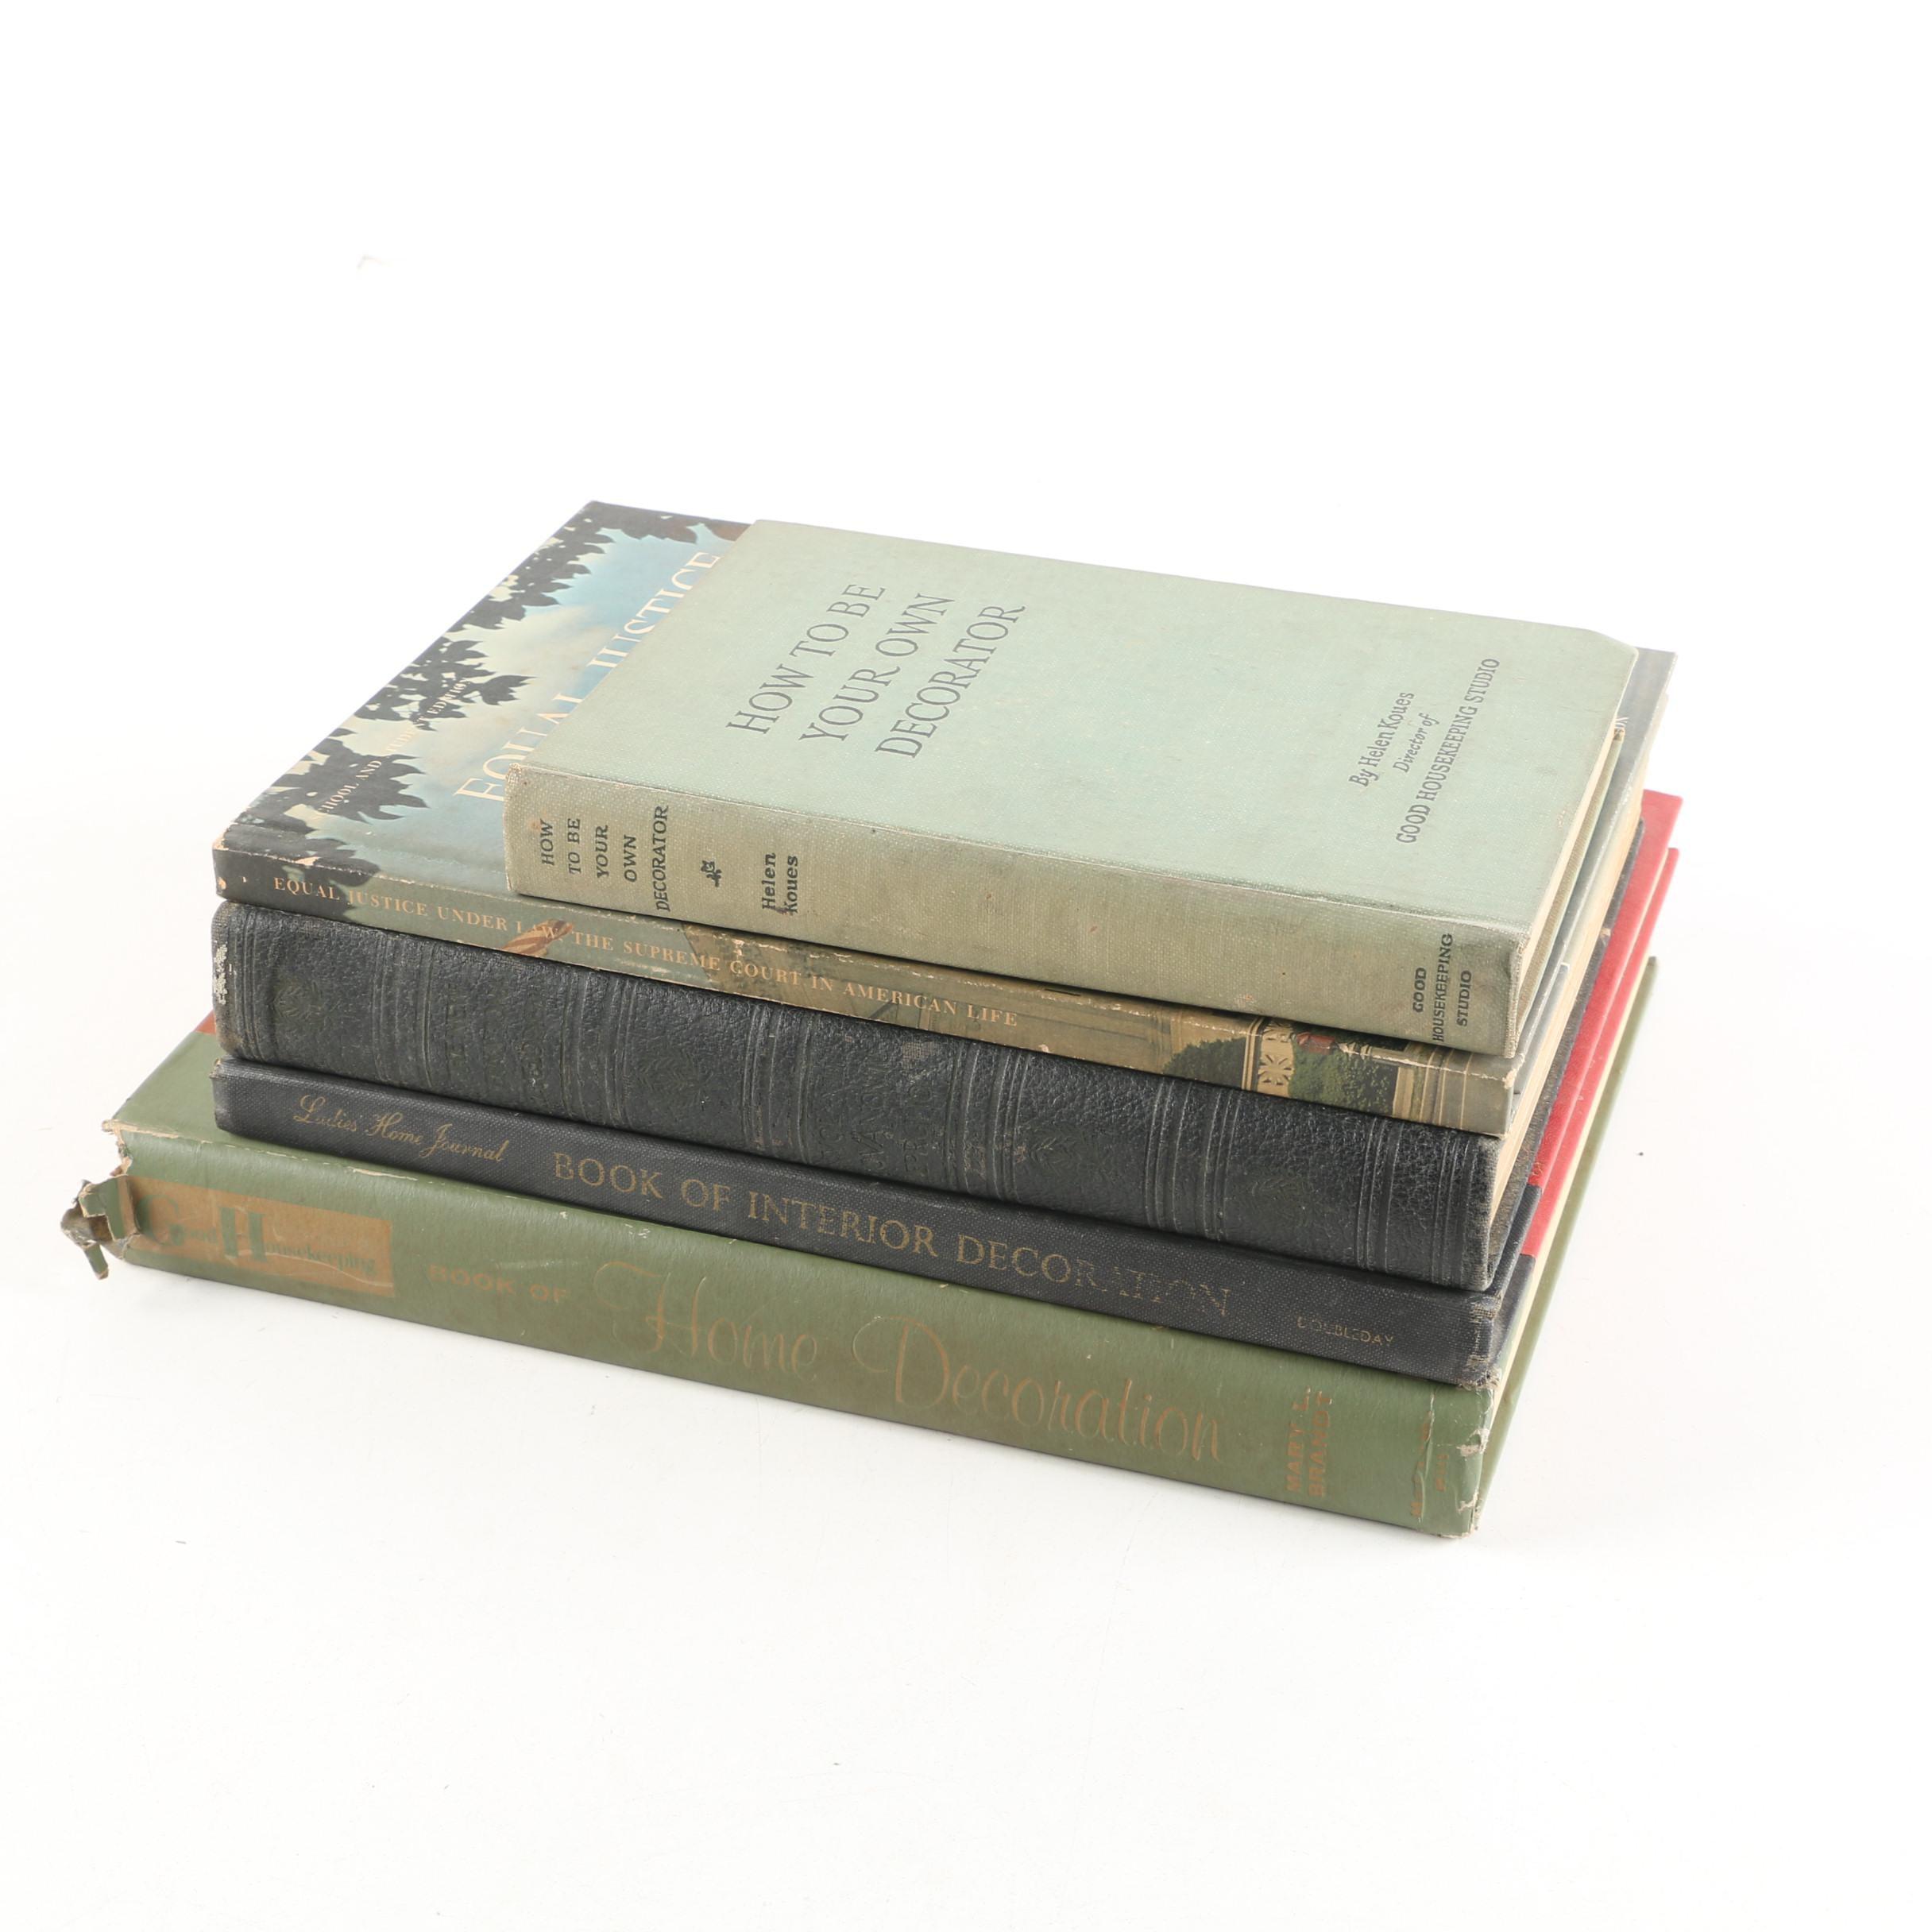 Nonfiction Books featuring Interior Design